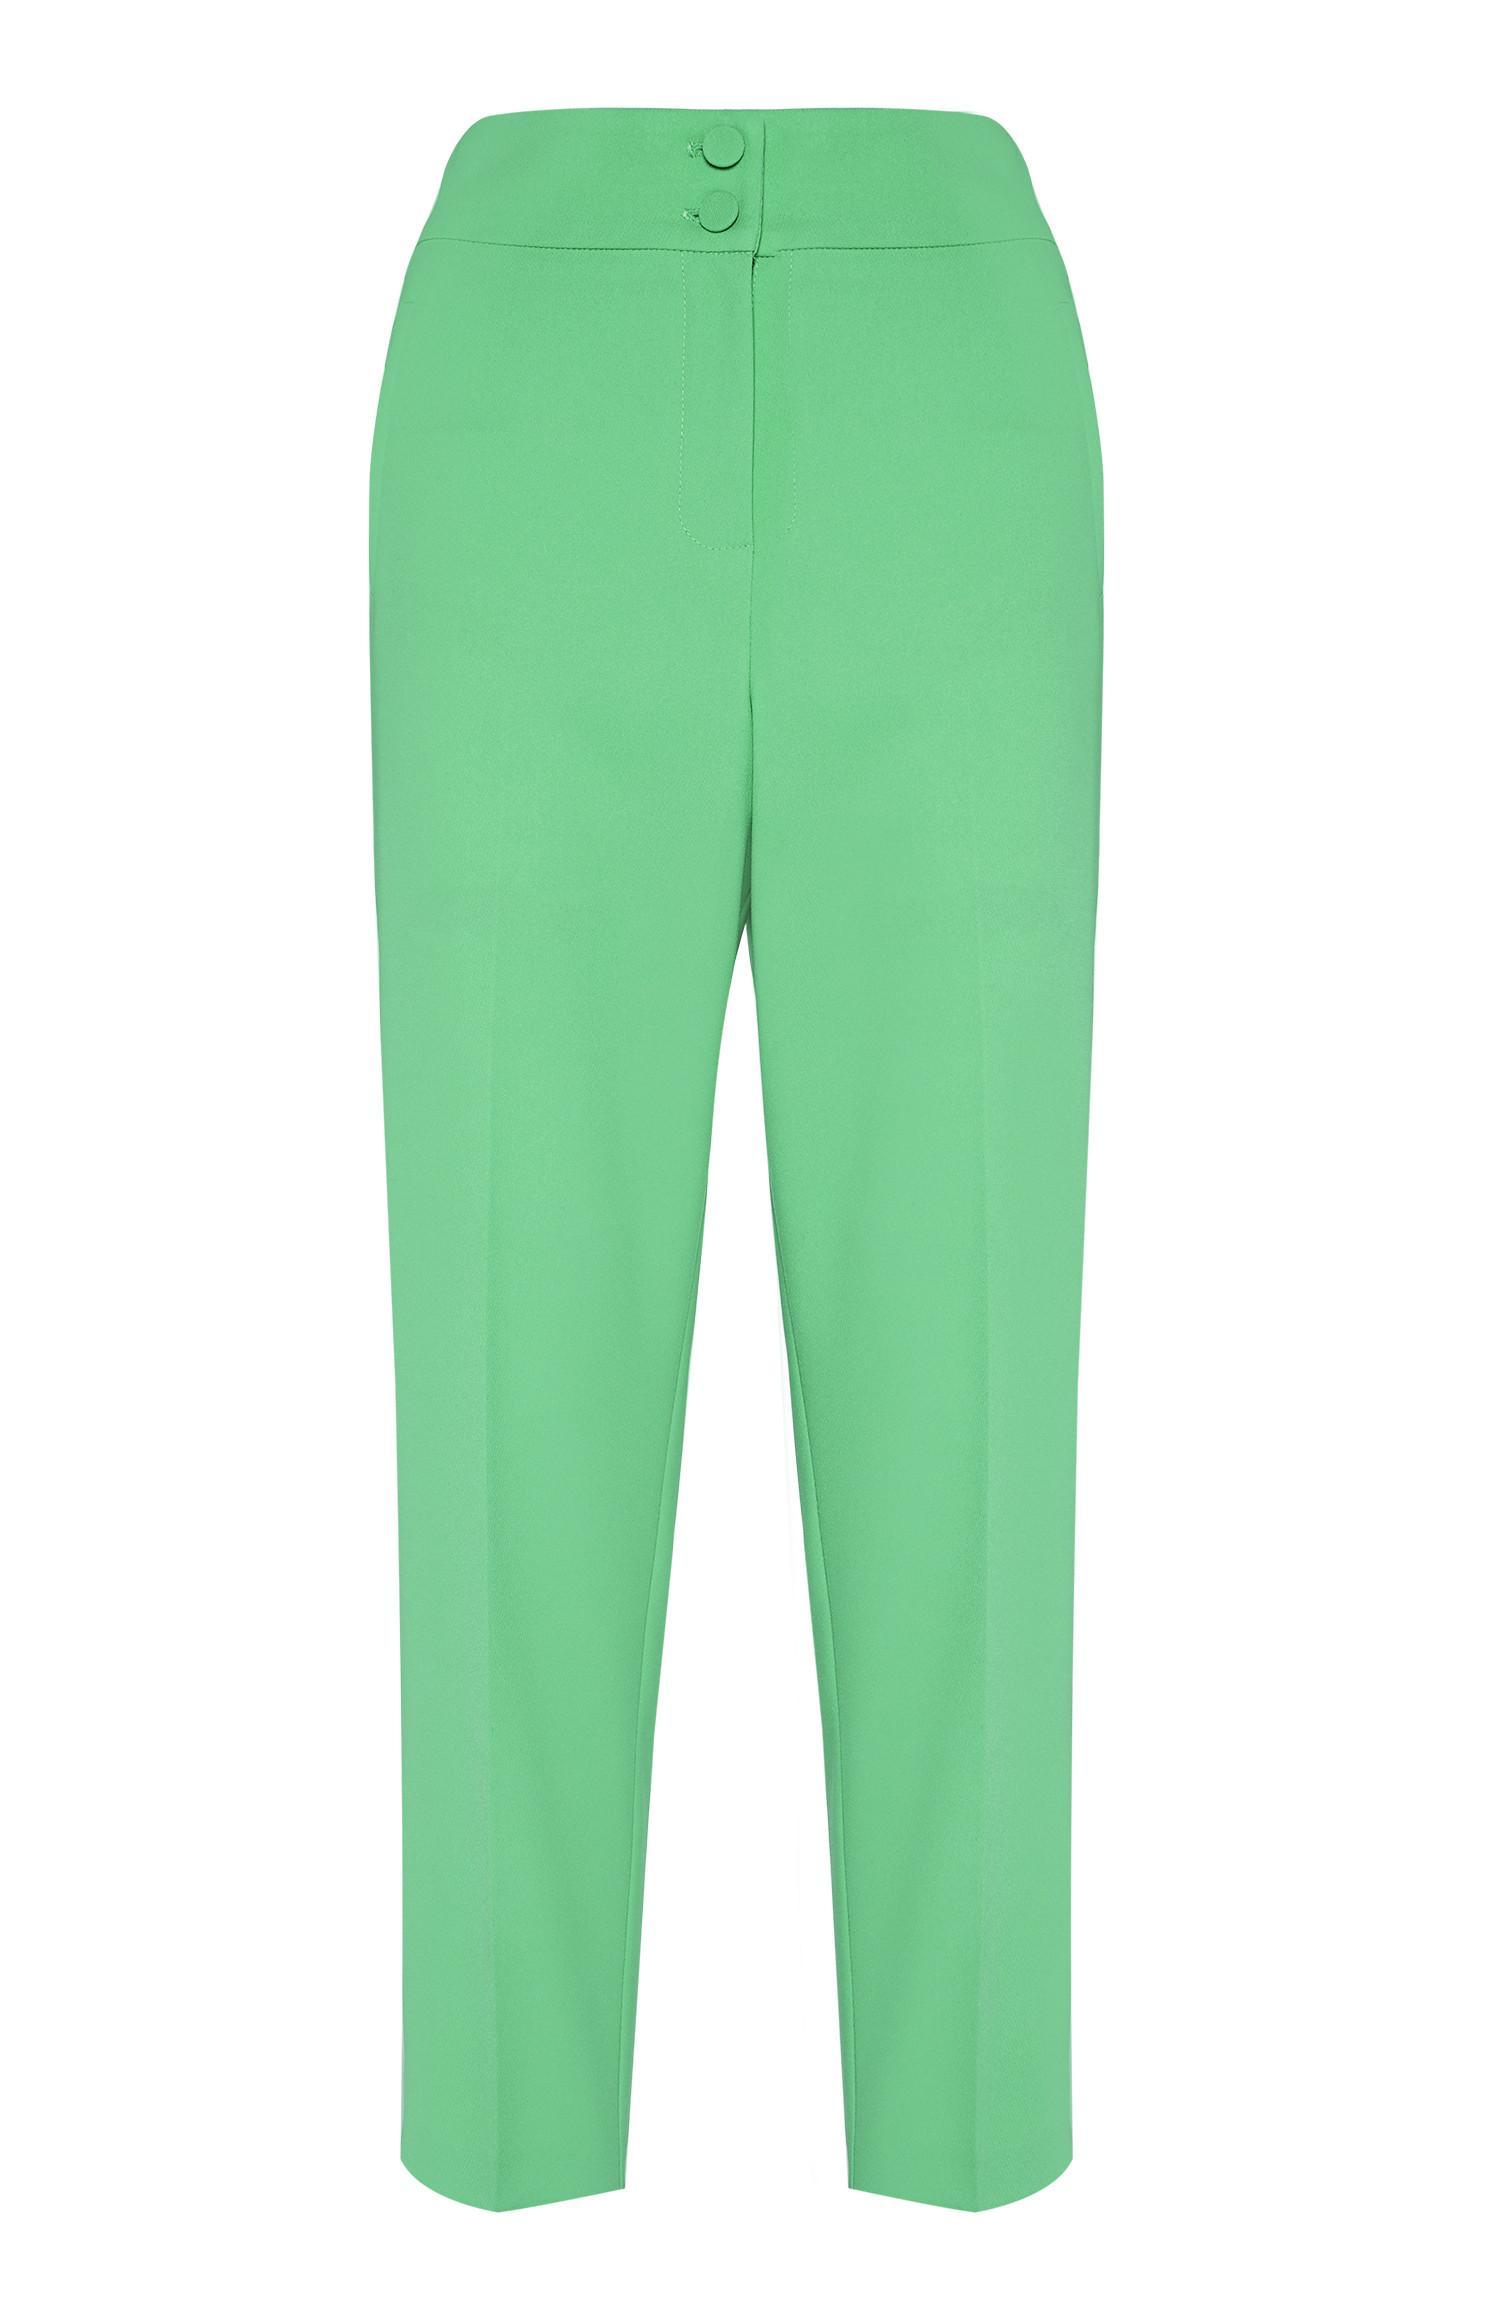 Green Slim Trouser